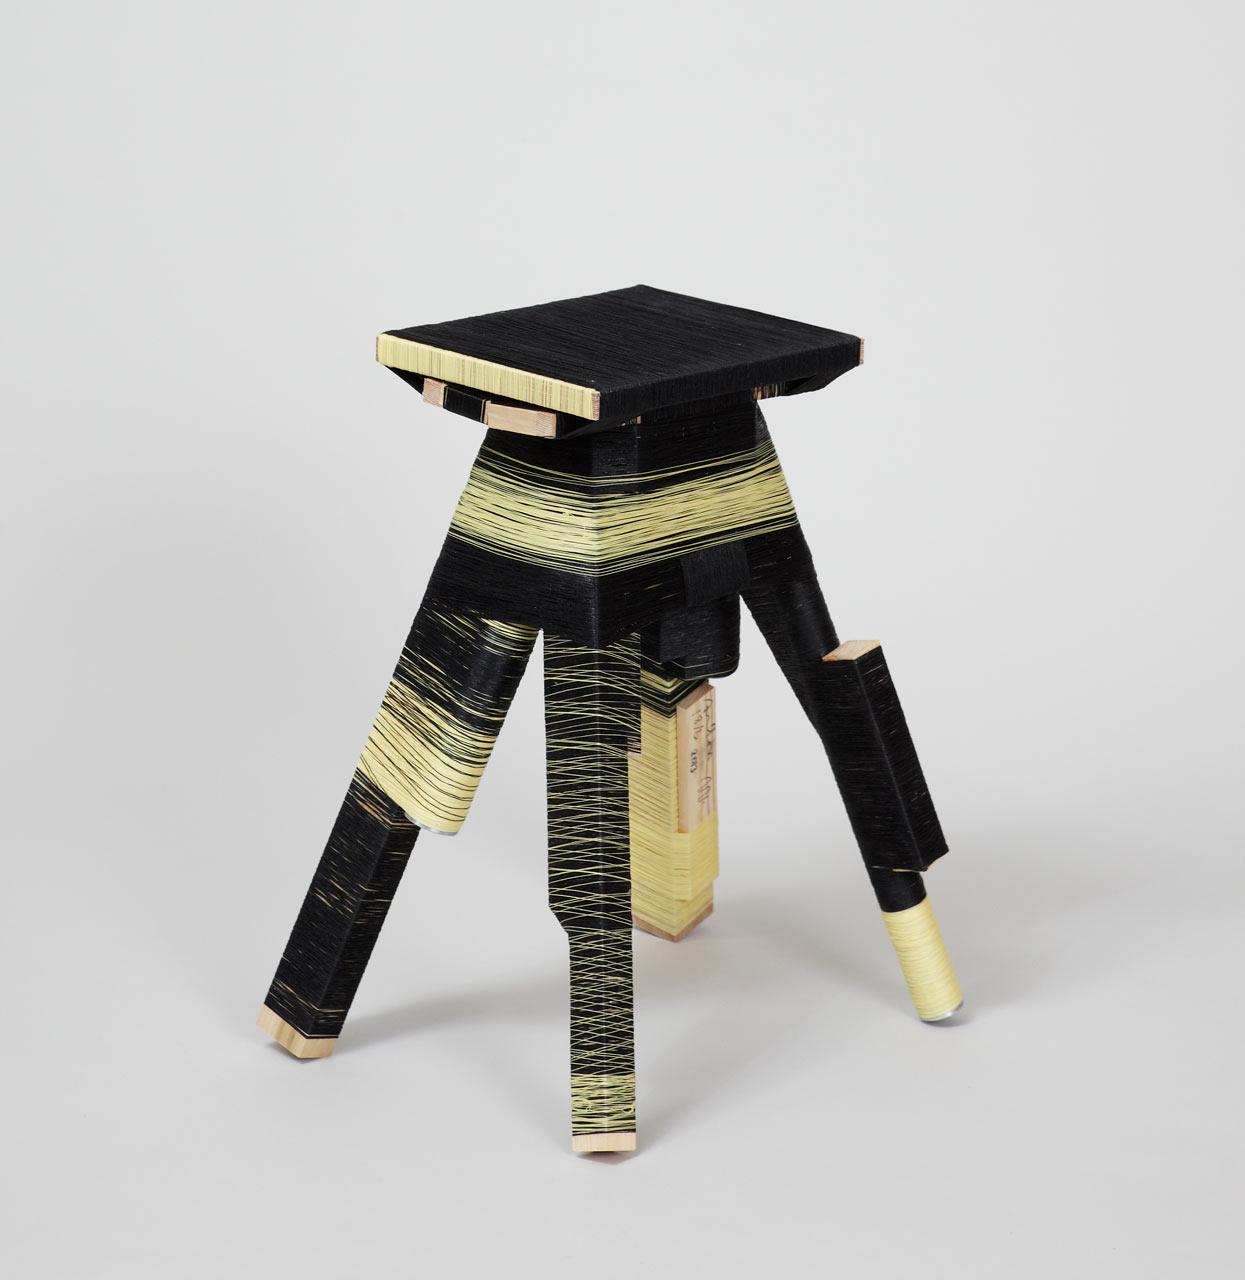 anton_alvarez thread wrapping stool